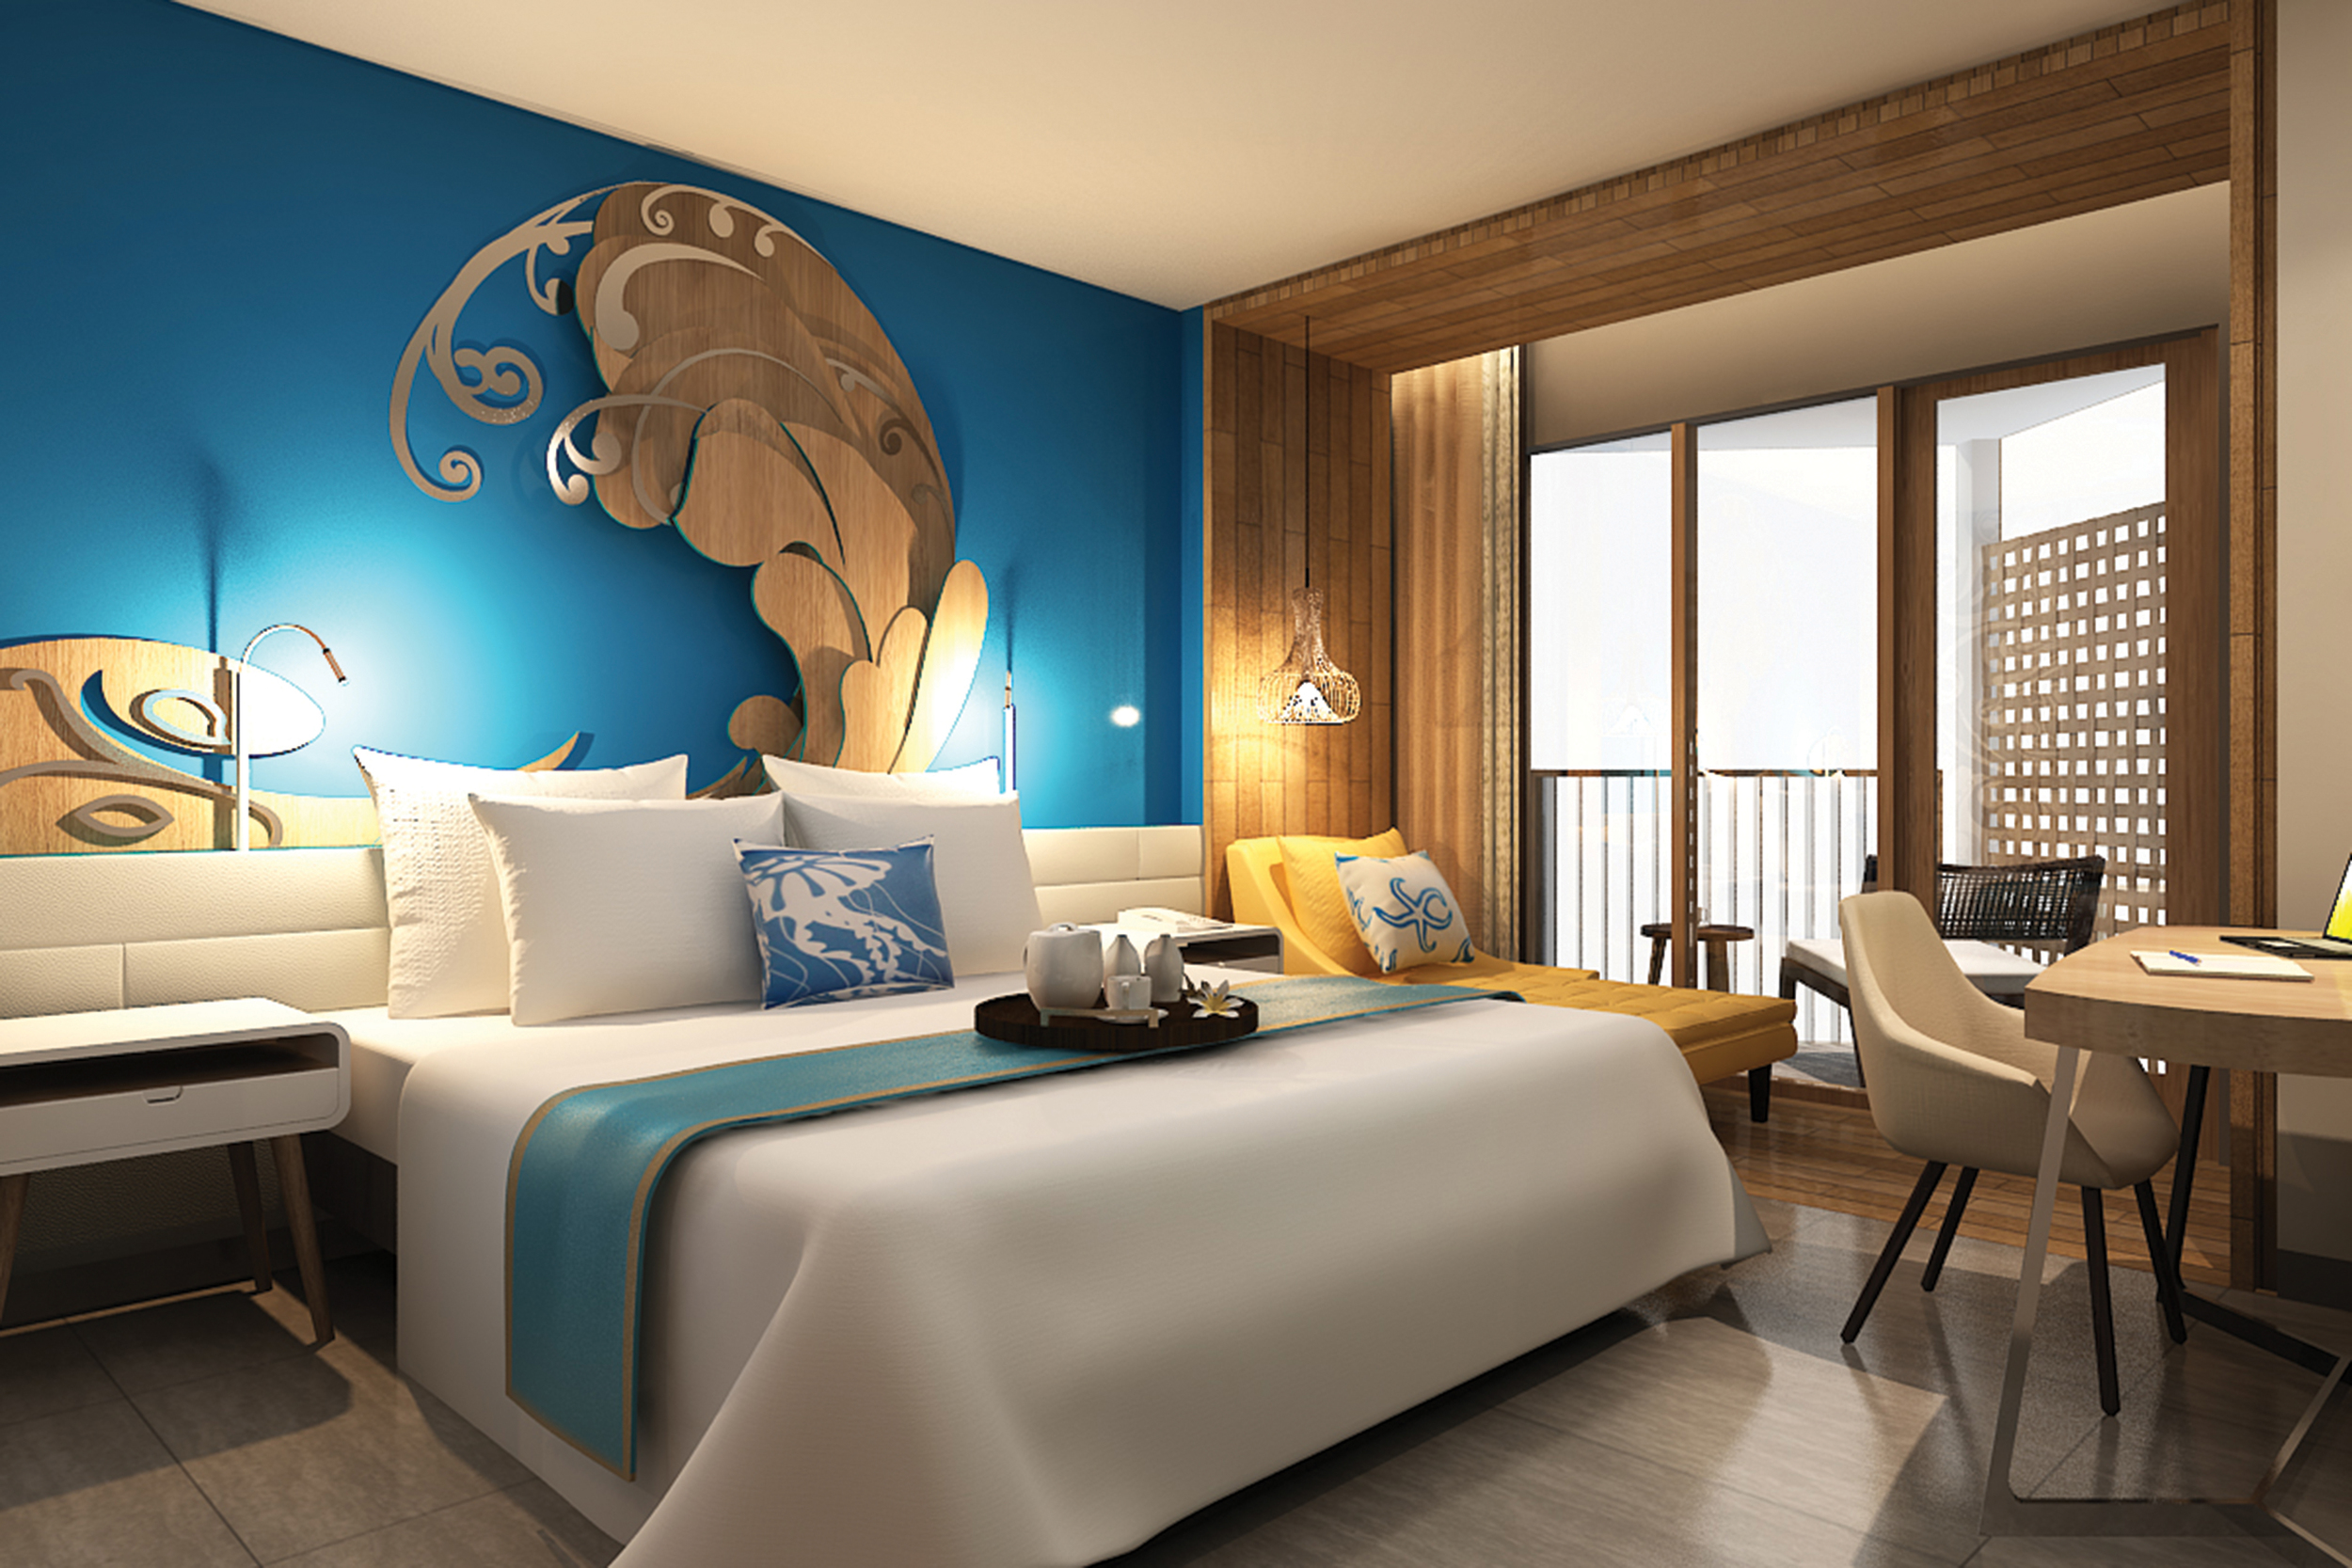 blueoceancondotel-Room V1 1.jpg